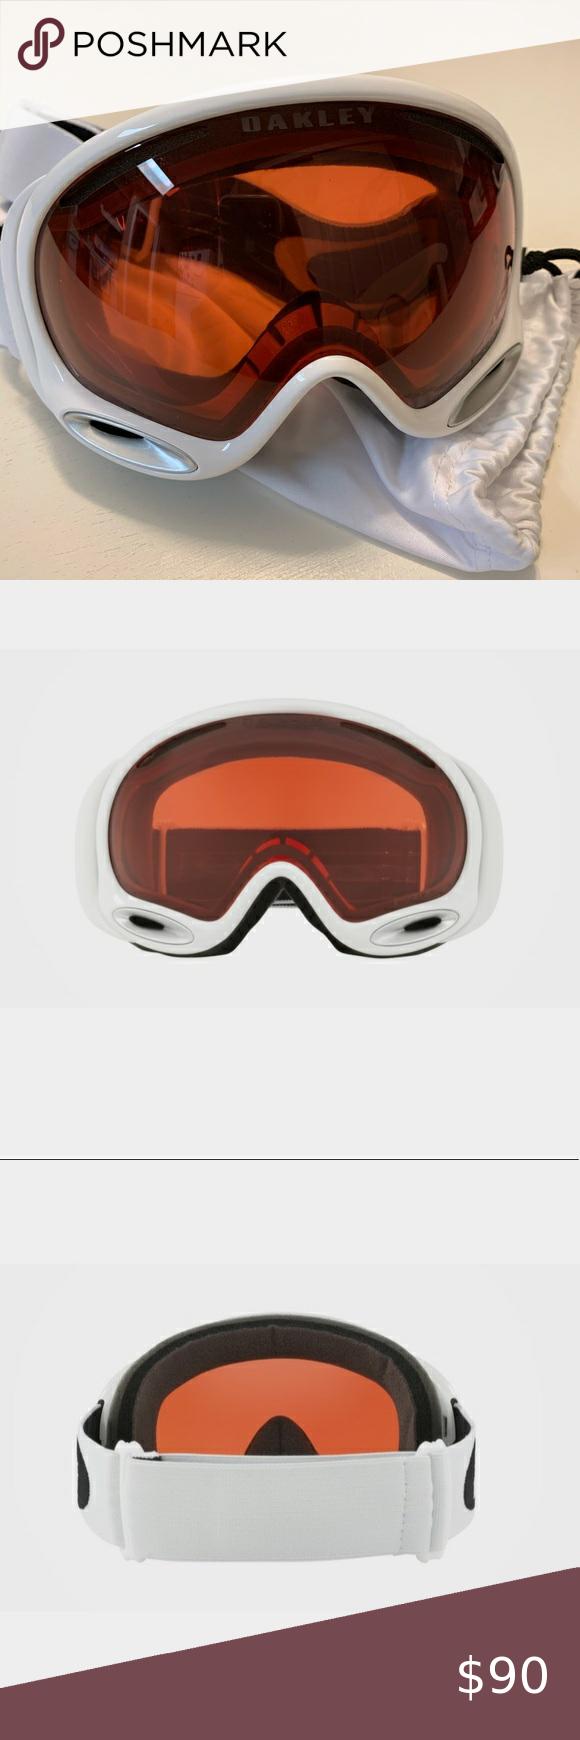 Oakley Ski Googles A Frame Polished White Oakley A Frame 2 0 Polishes White Ski Goggles W Prize Rose Lenses New In Box Plas Oakley Ski Oakley Ski Goggles